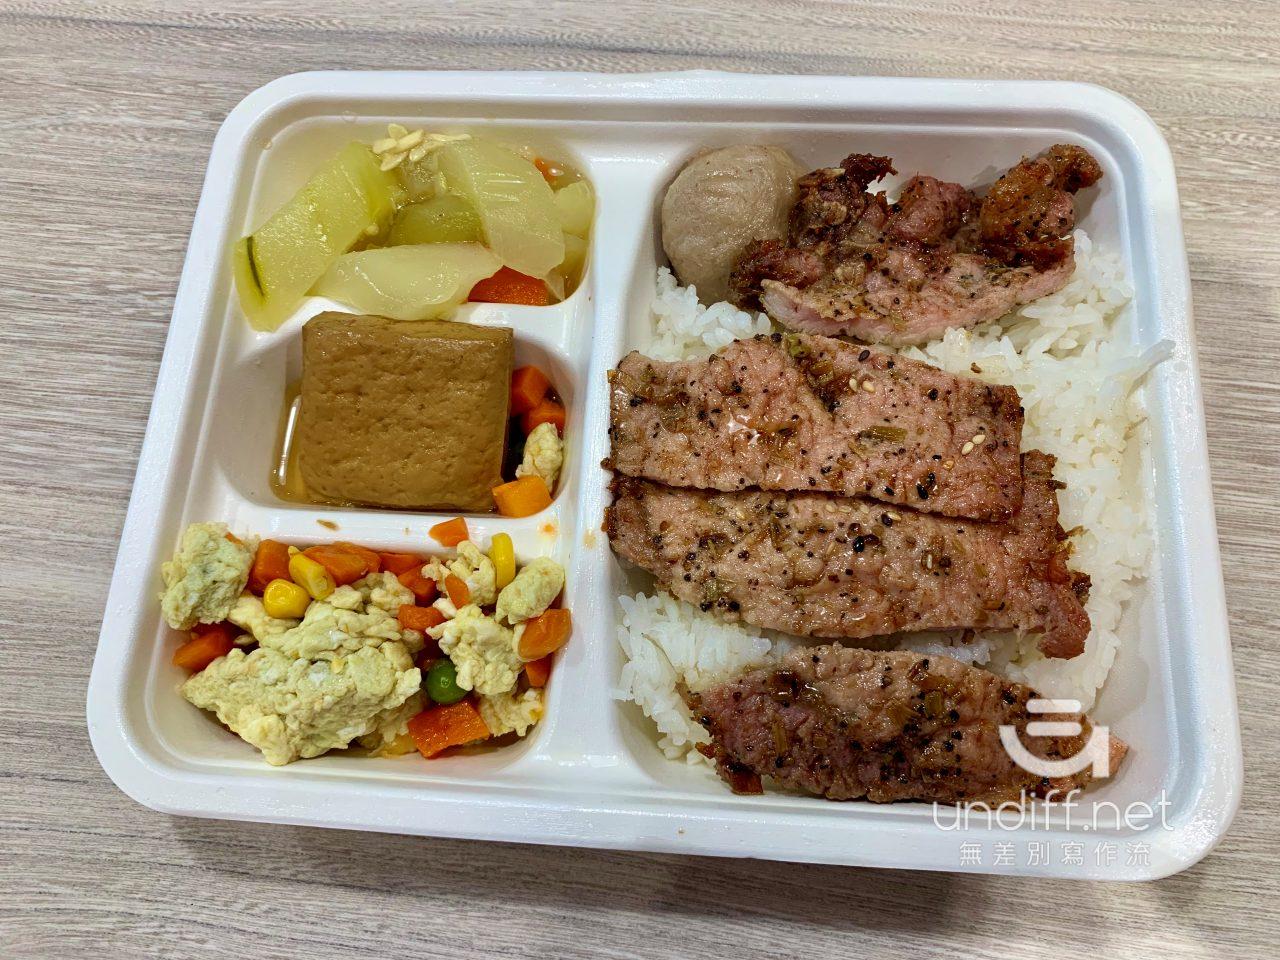 【內湖 訂便當日記】日嚐 Taste&Enjoy 南洋風味料理 18